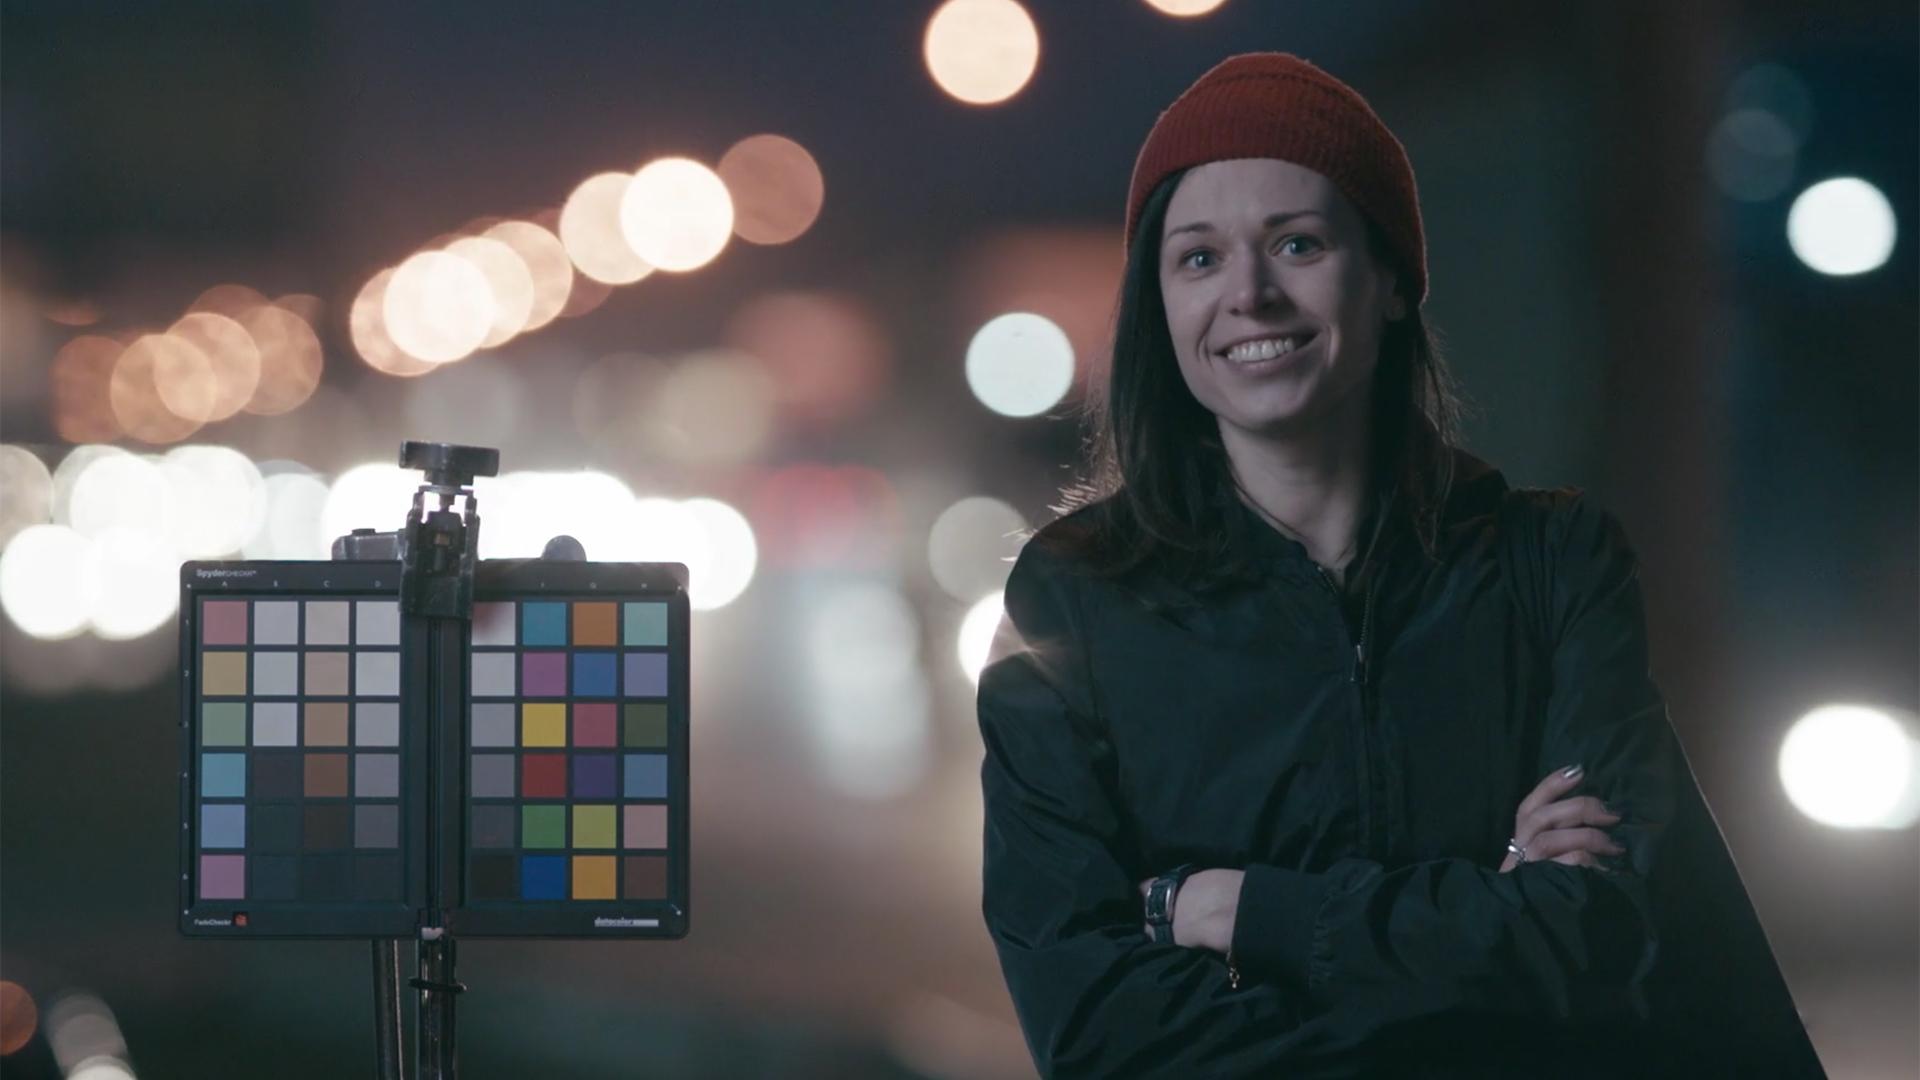 lens tests